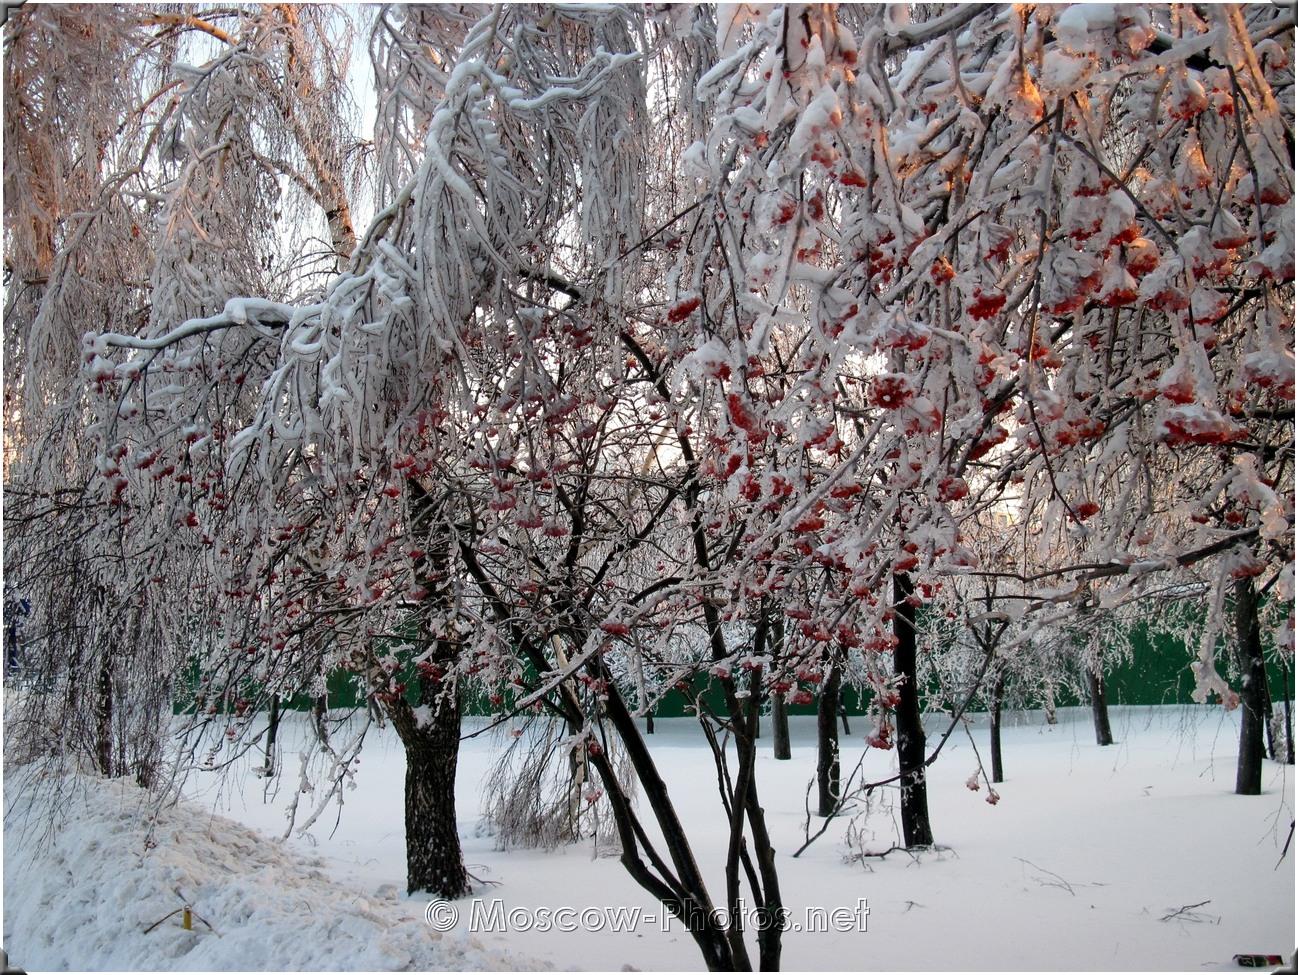 Rowan-tree in winter